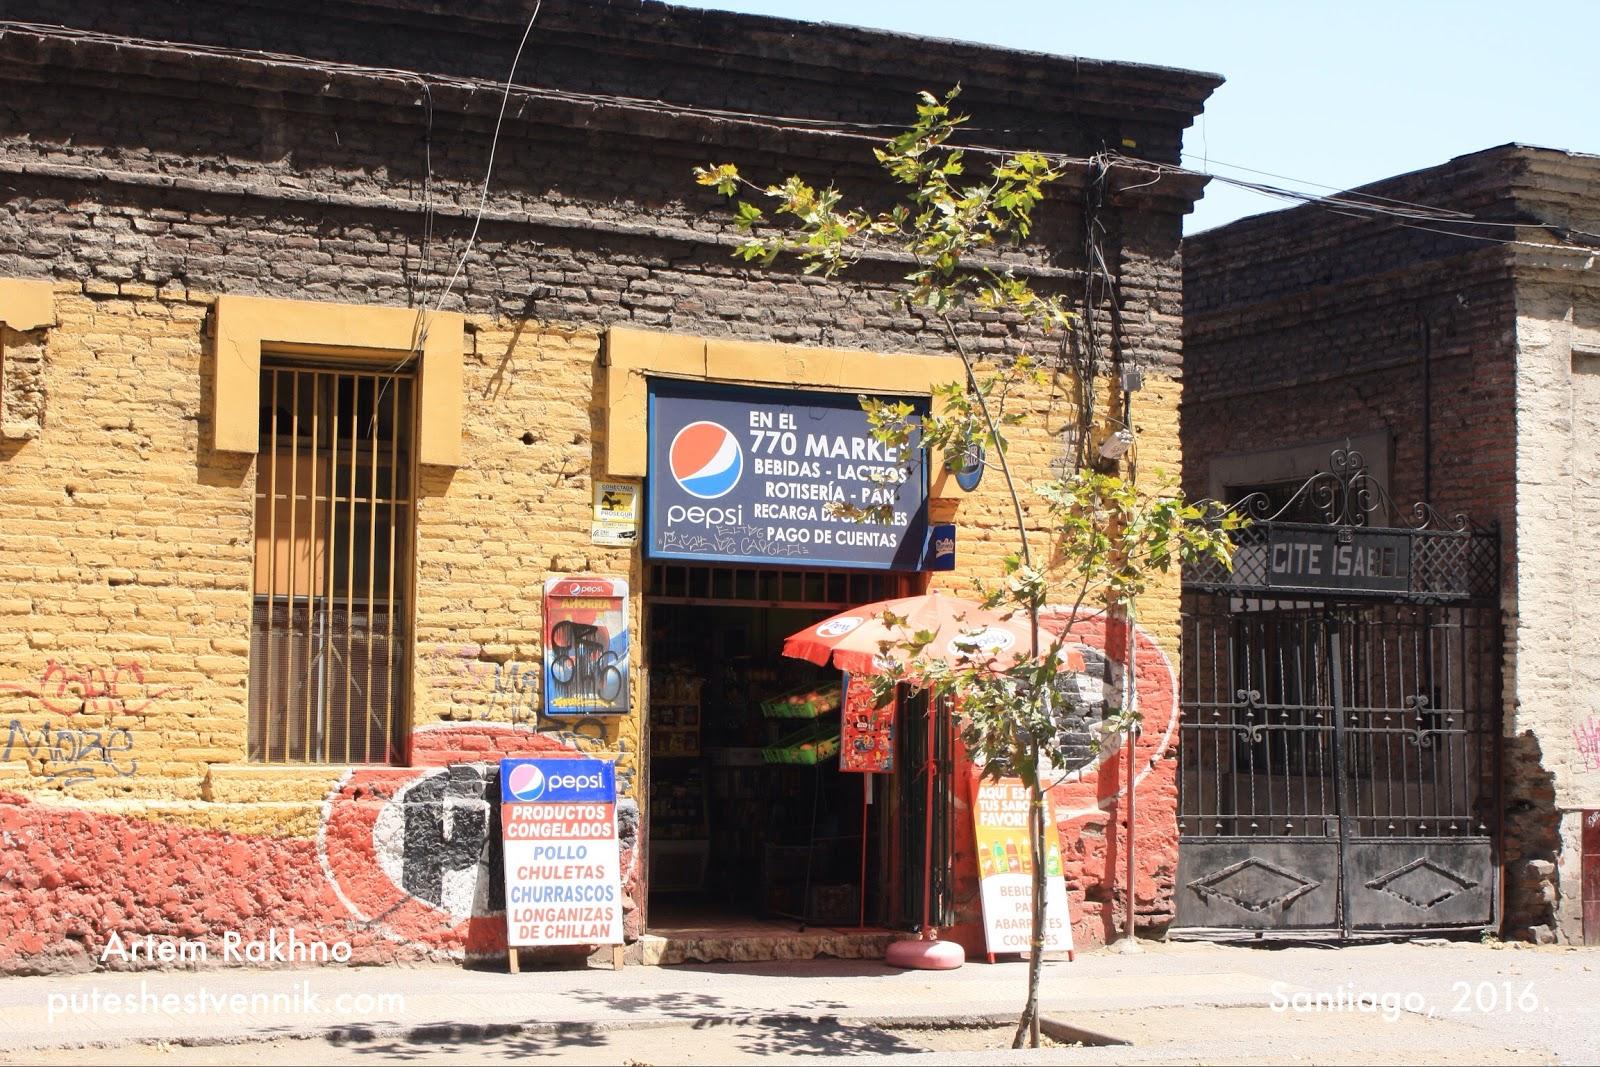 Продуктовый магазин в Сантьяго-де-Чили